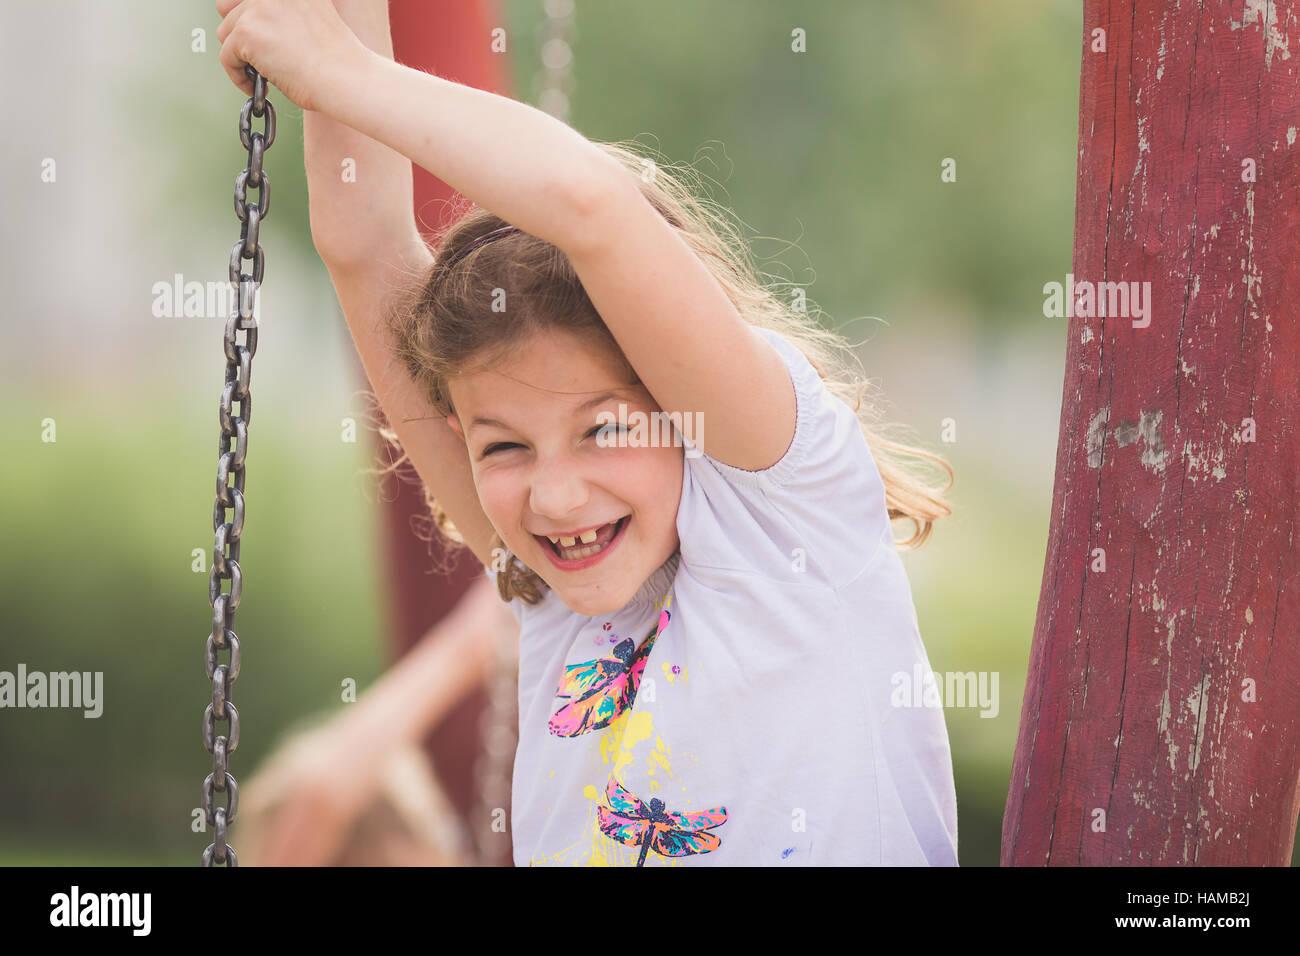 Junge Mädchen spielen mit Eisenkette auf Spielplatz Stockbild